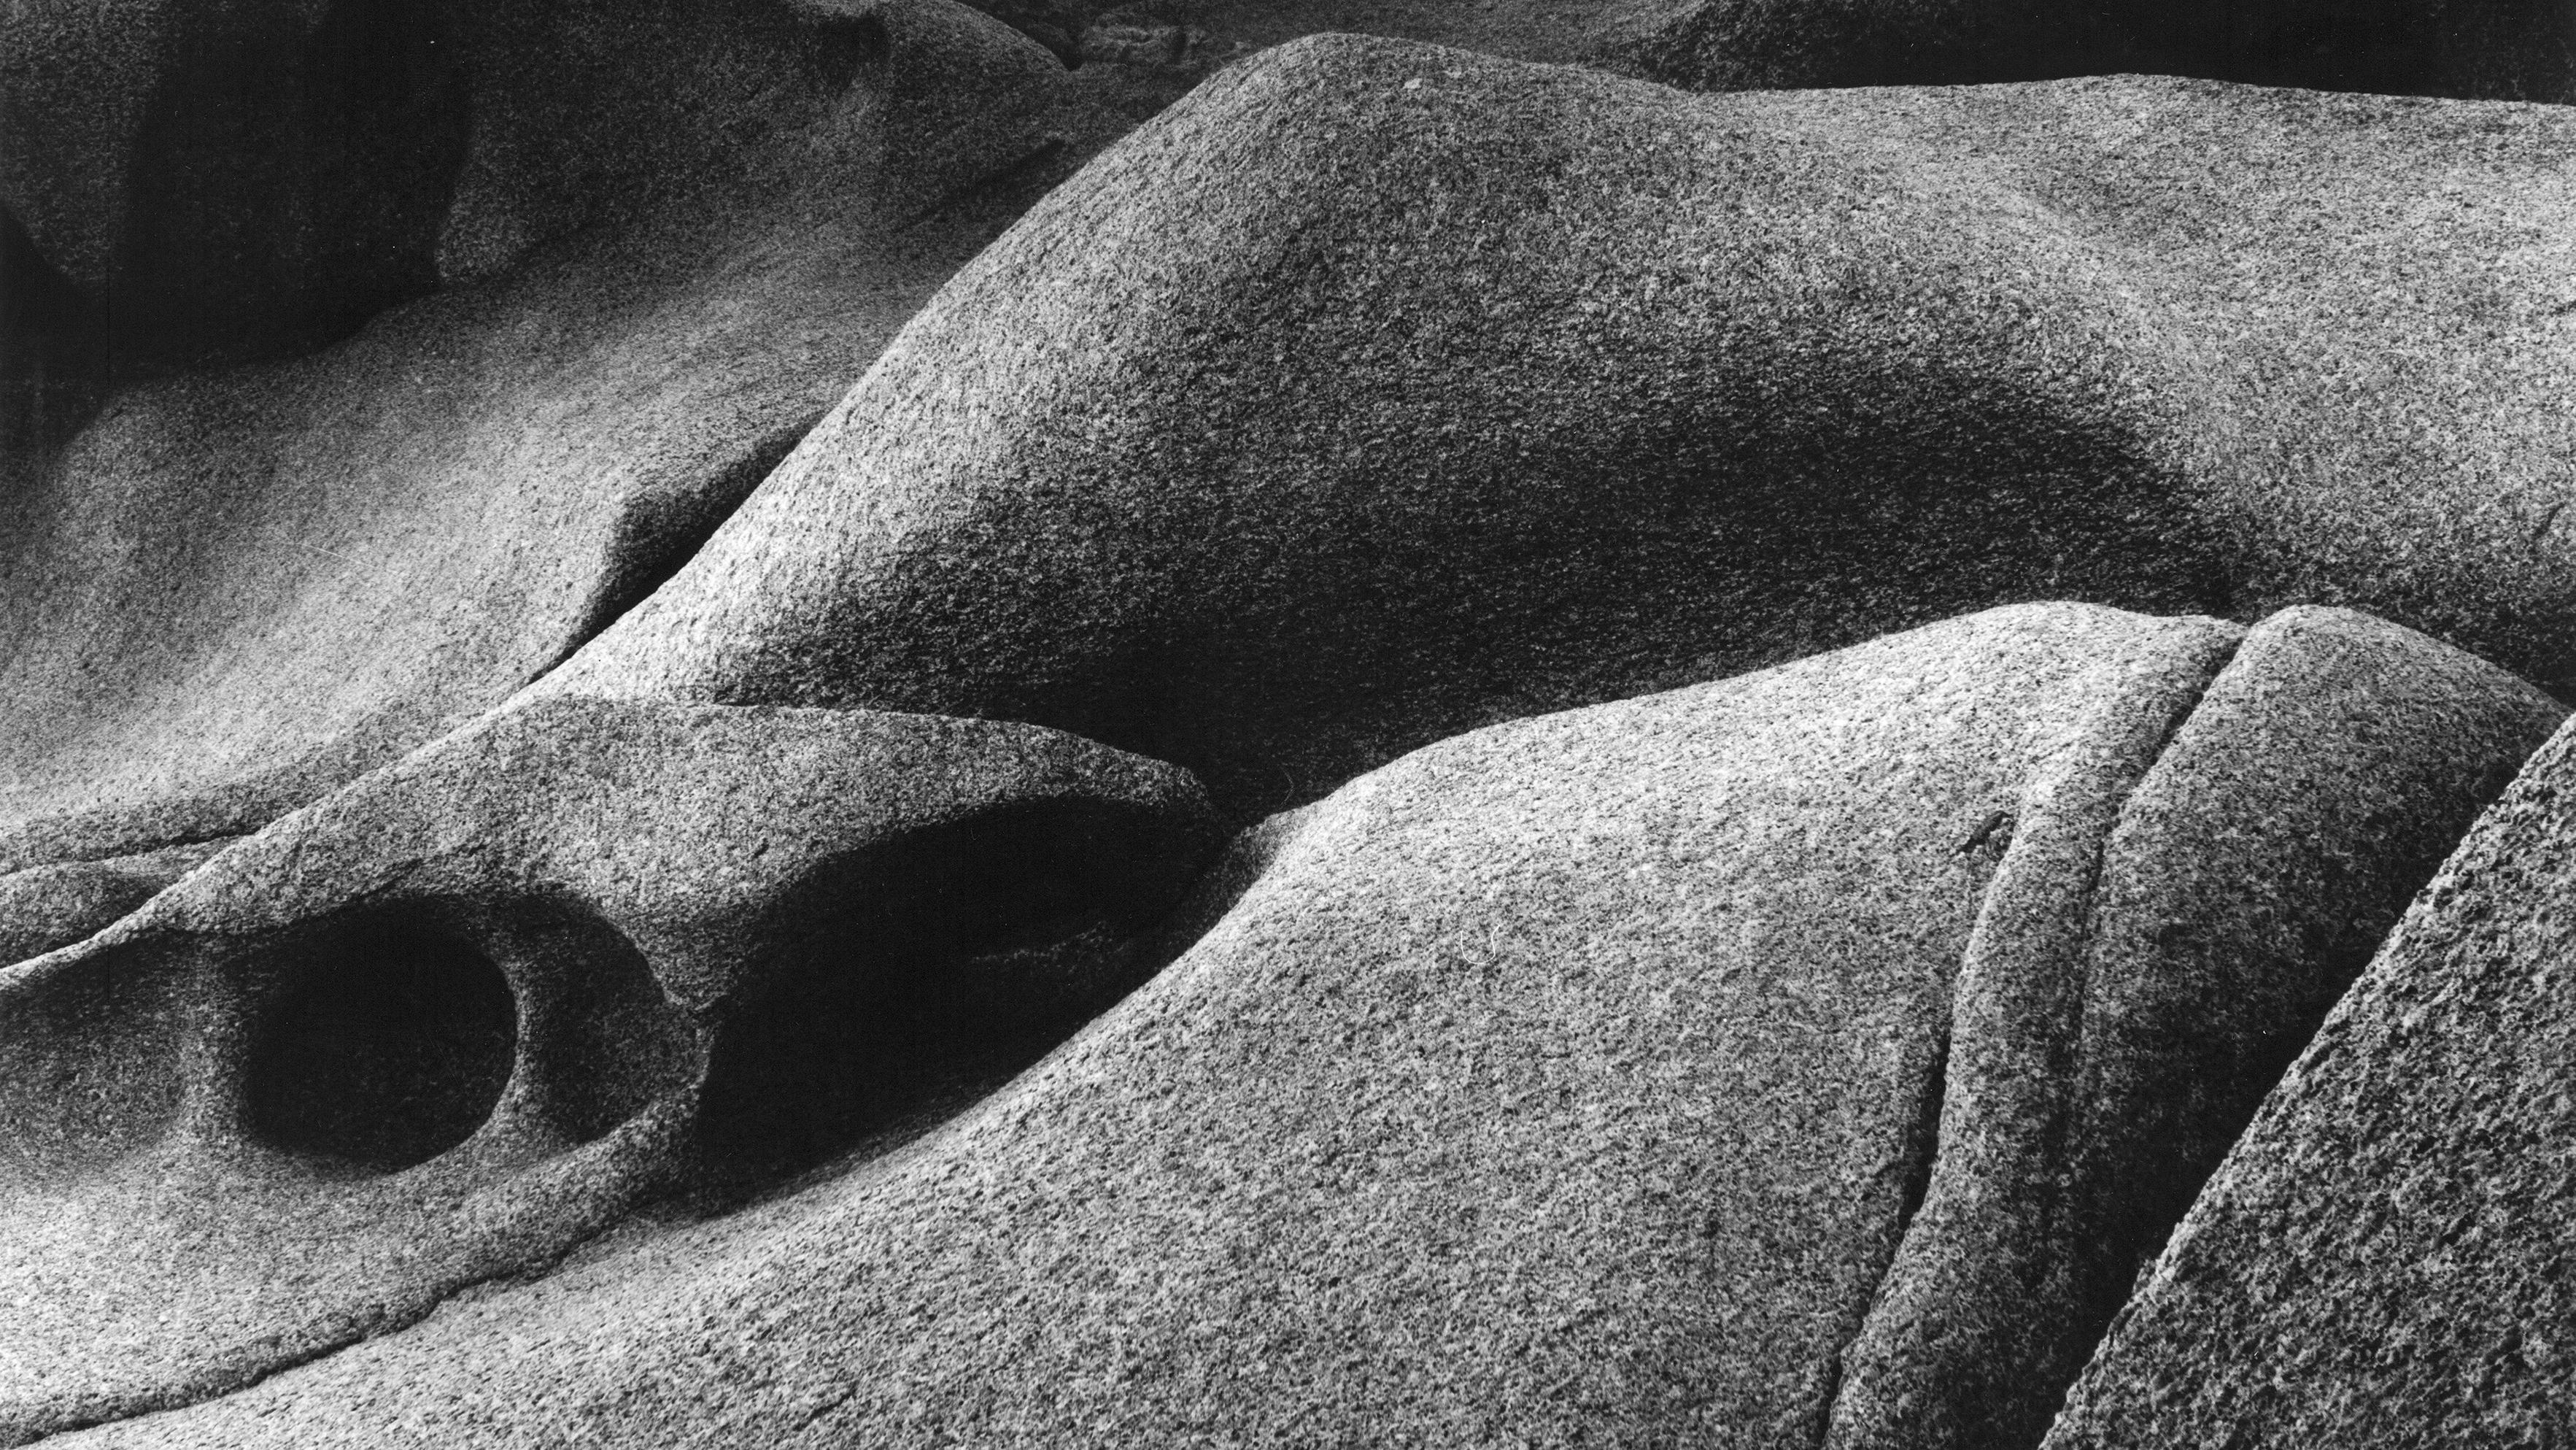 Rundgeschliffene Felsen mit Höhlungen und Rissen (Sardinien), 1984/86